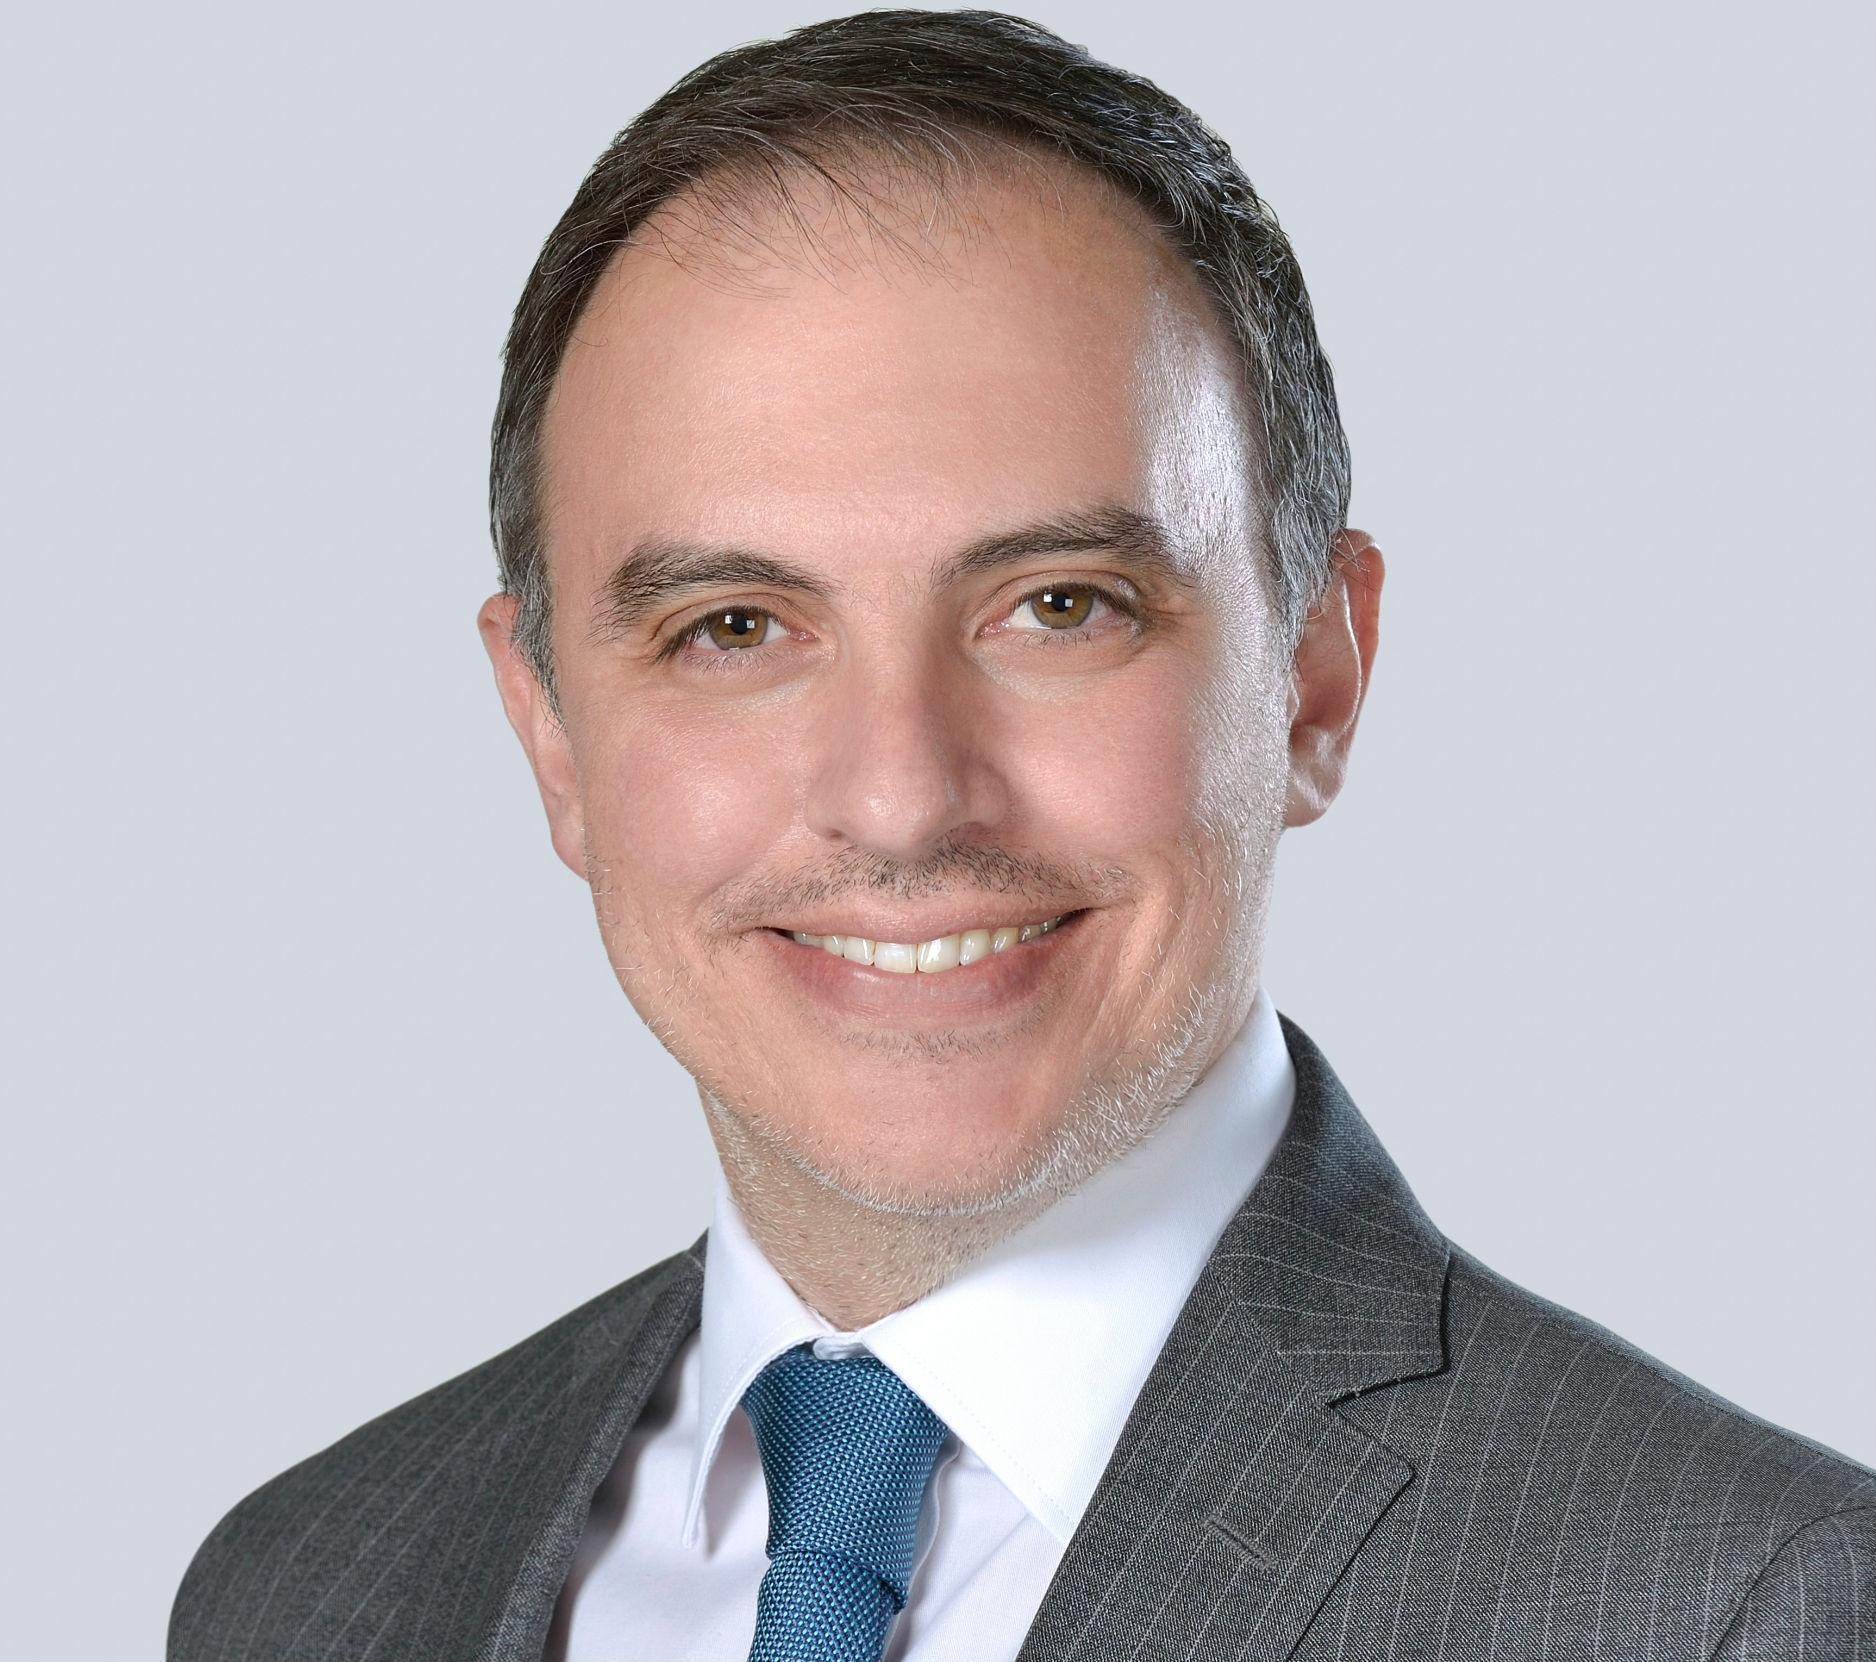 Charalambos Prountzos